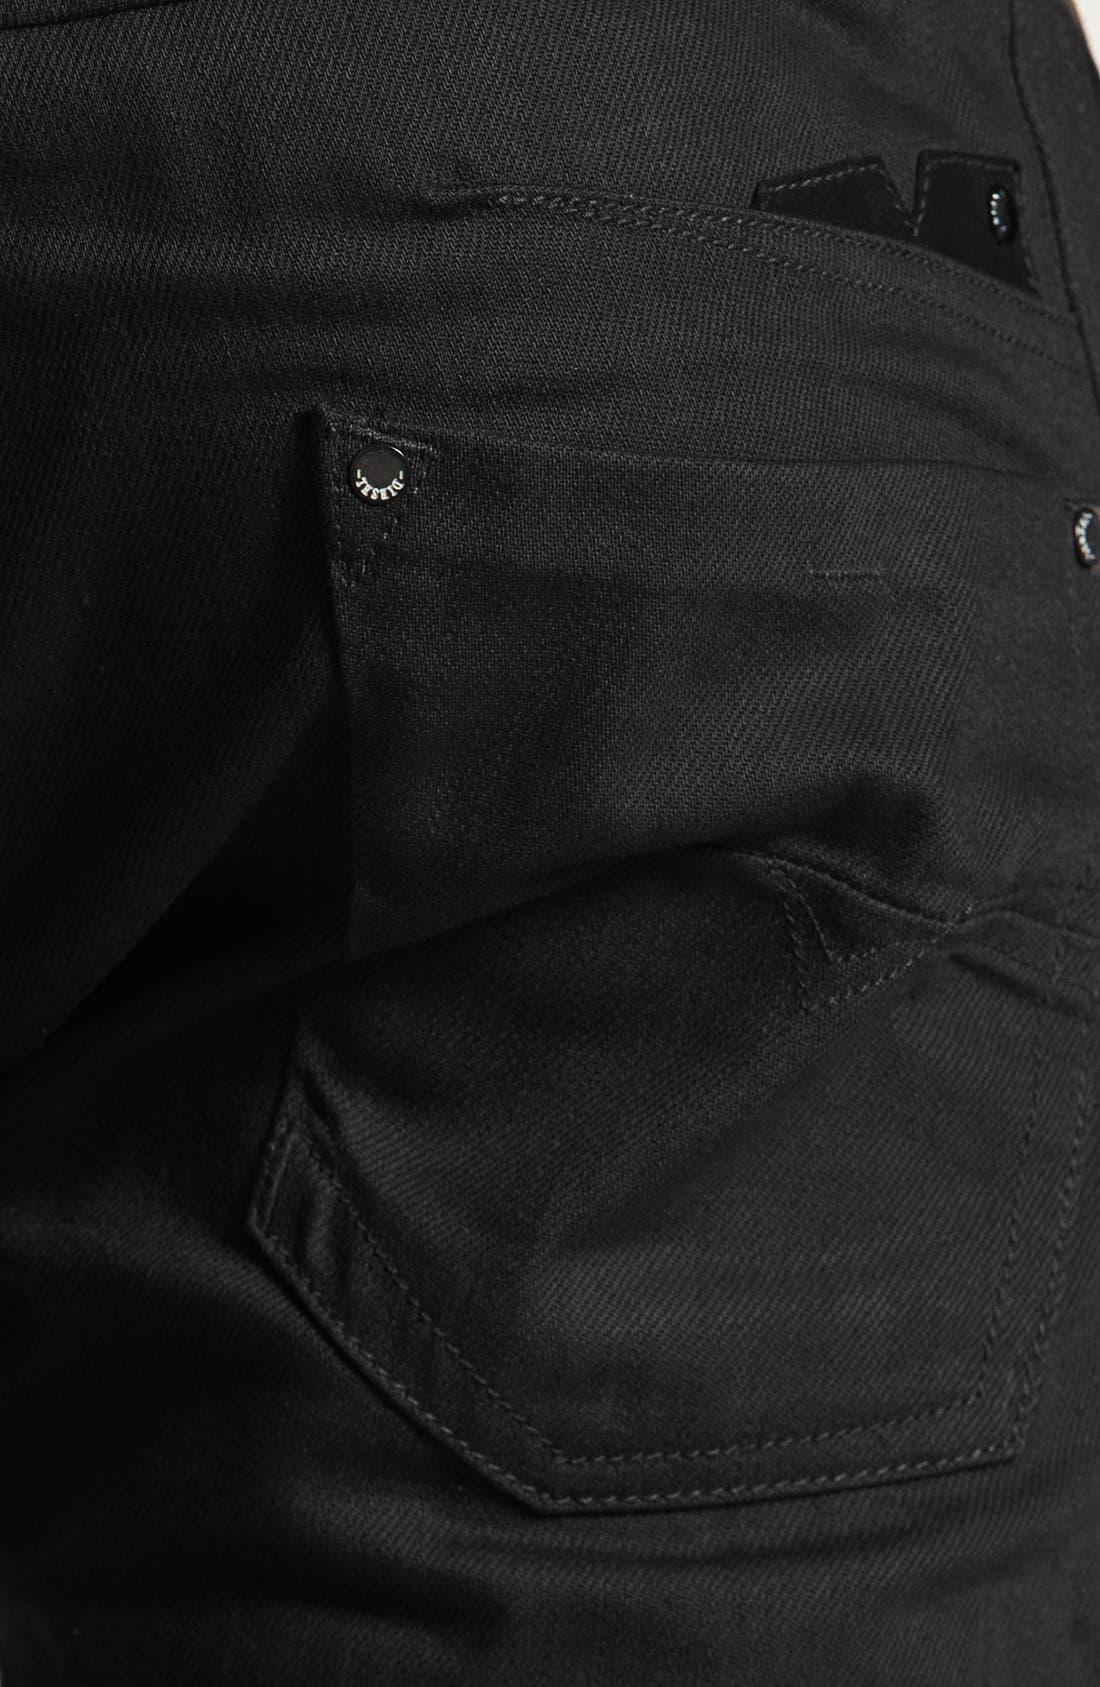 'Darron' Slim Fit Jeans,                             Alternate thumbnail 3, color,                             001